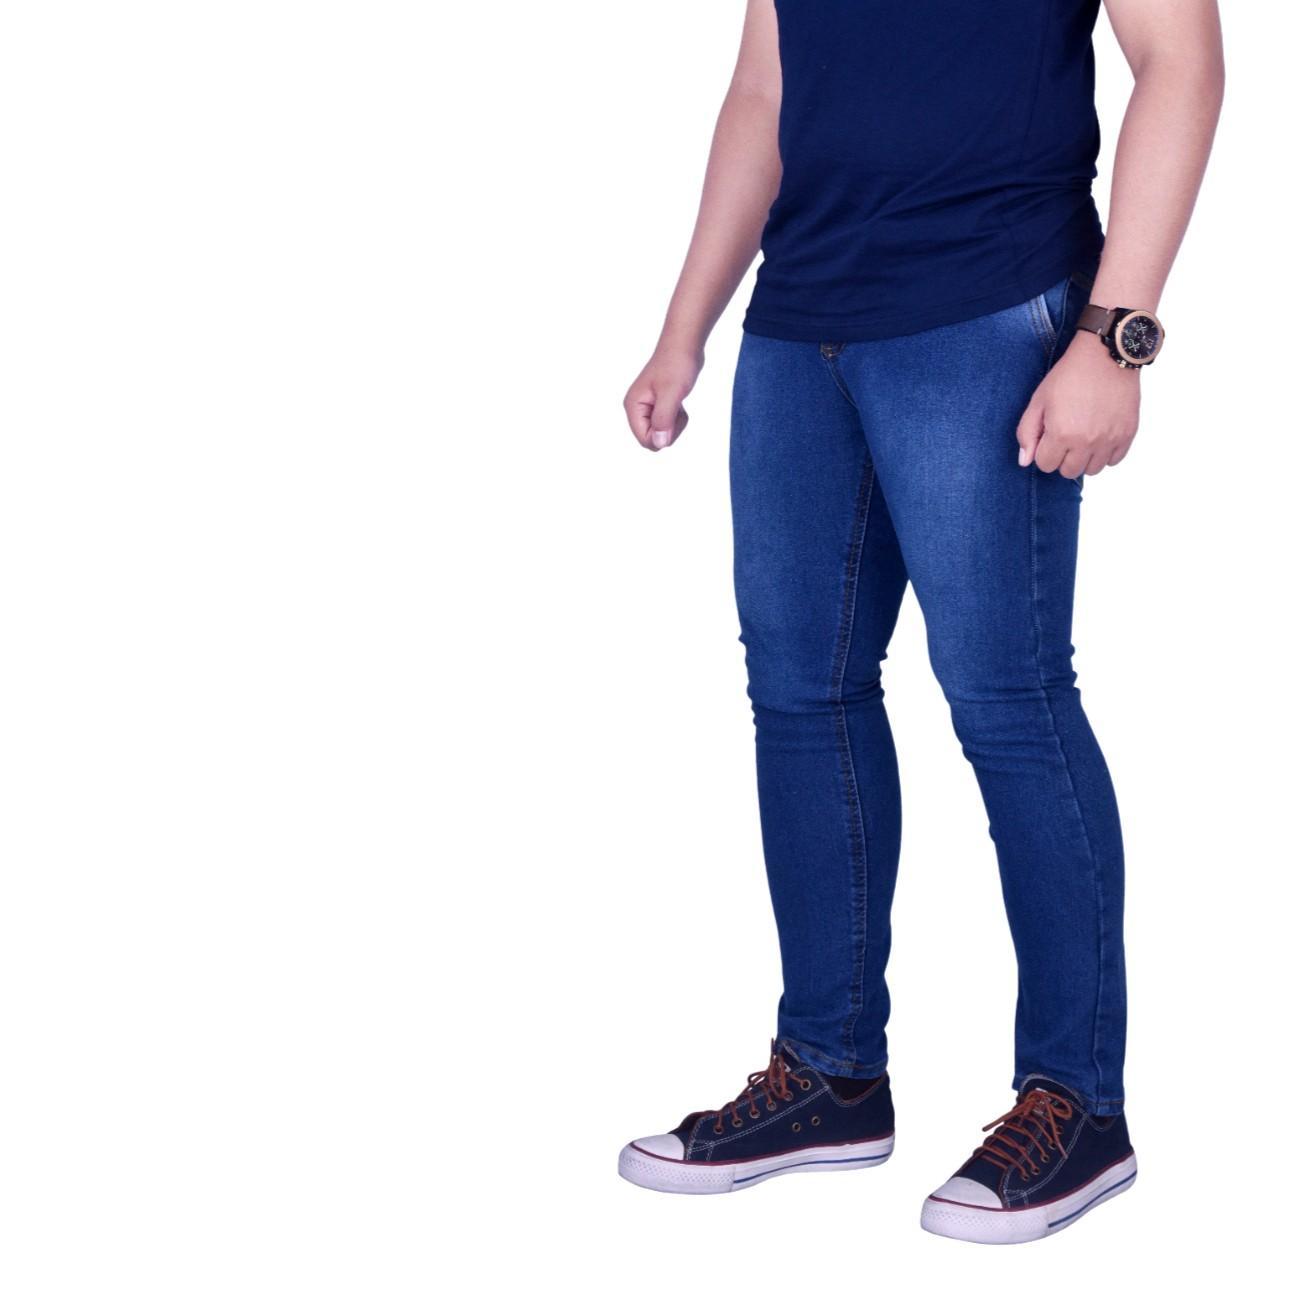 Dgm_Fashion1 Celana Jeans Sobek Panjang Denim /Celana lepis/Jeans Hitam/Jeans Biru/Jeans Polos/Jeans Panjang/Celana Jeans Skinny/Celana Panjang/ Celana Pria/Celana Casual/celana denim/celana jeans/jeans pria /CELANA JEANS PENSIL JS 5832 5612 5837 5834